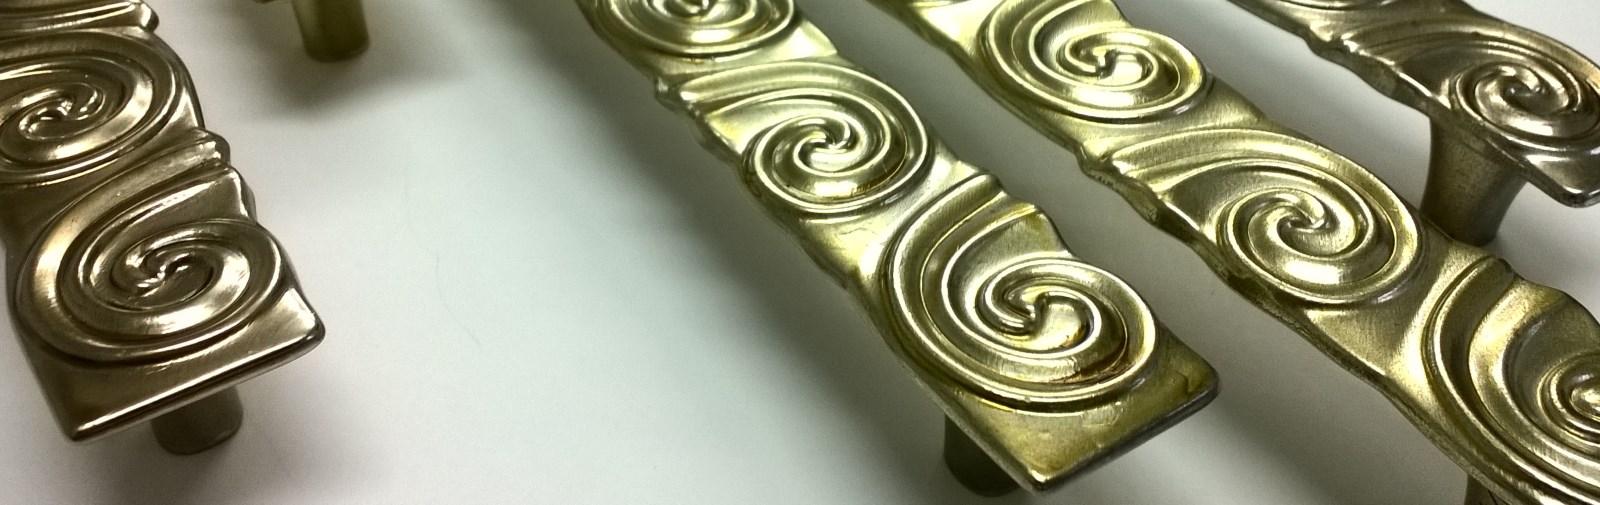 peinture effet or argent cuivre ou acier pour un aspect. Black Bedroom Furniture Sets. Home Design Ideas